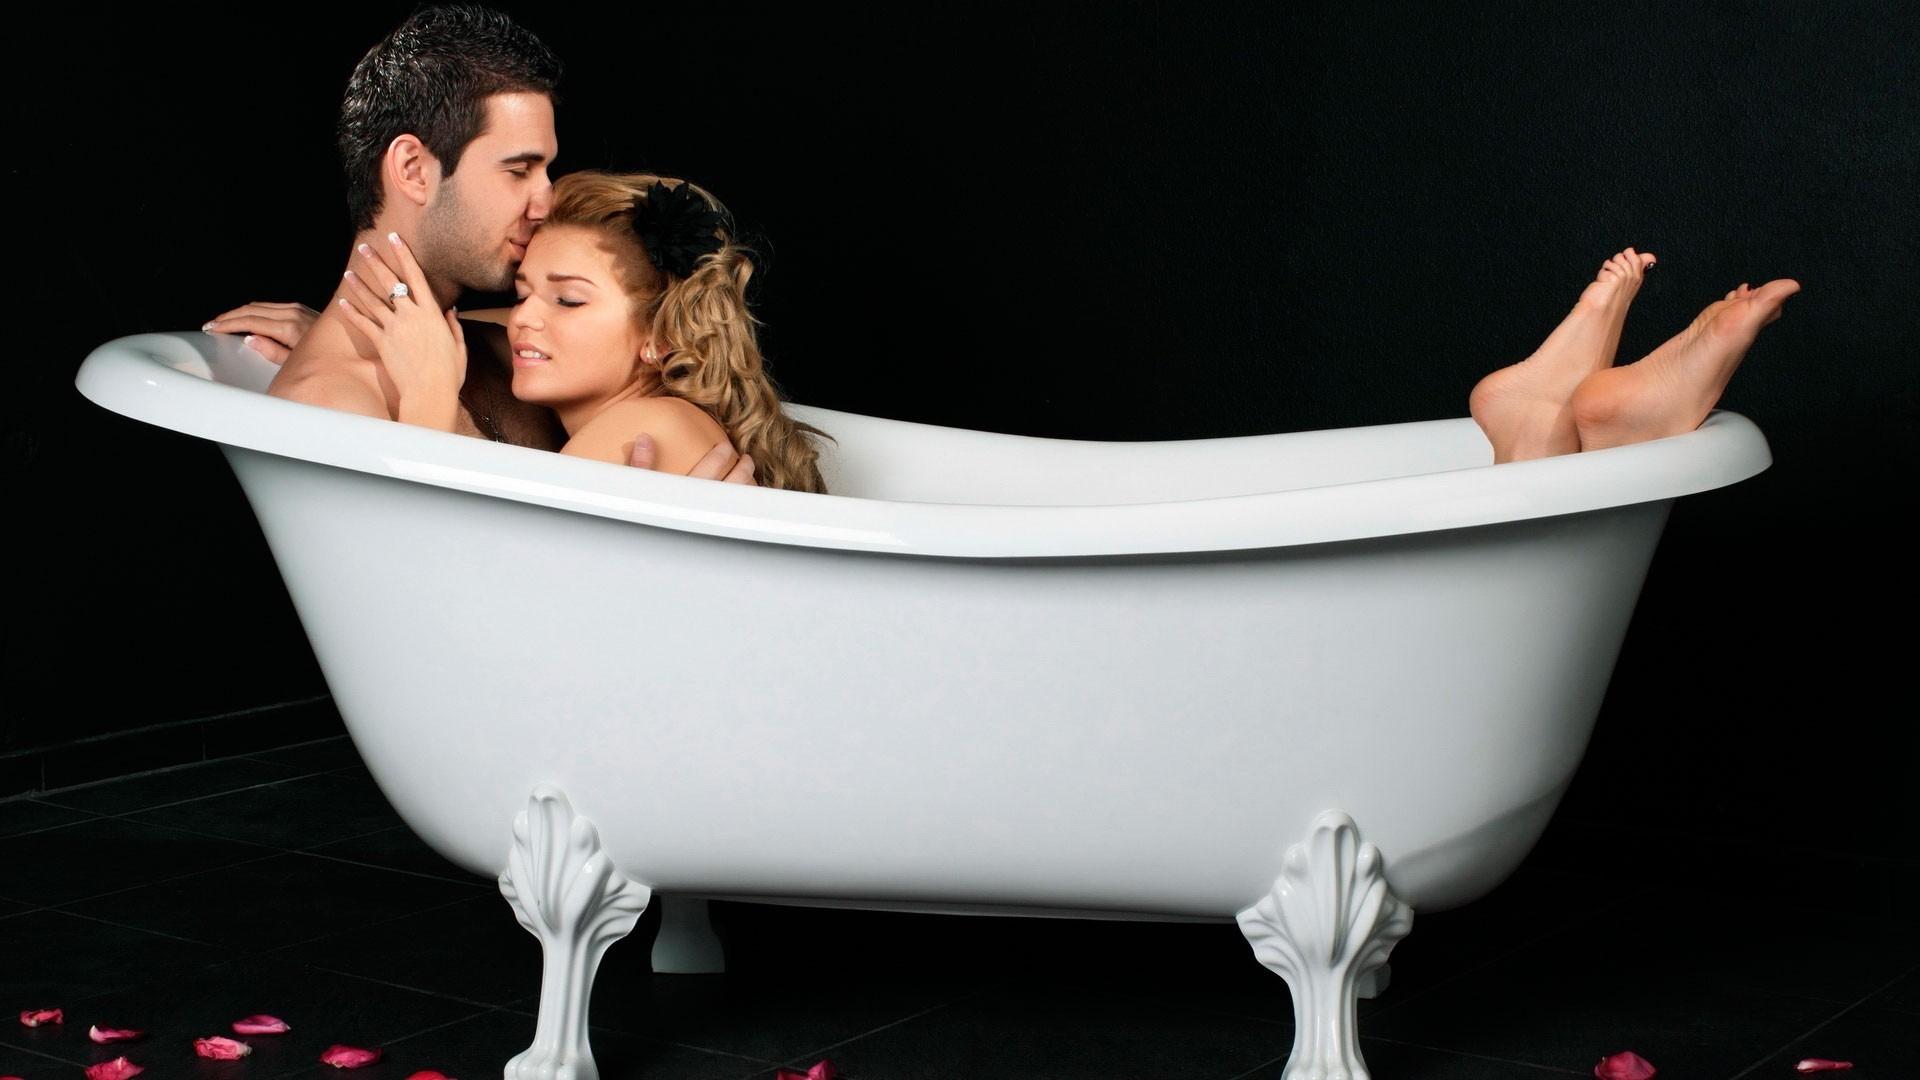 Русское порно видео с разговорами и секс ролики на